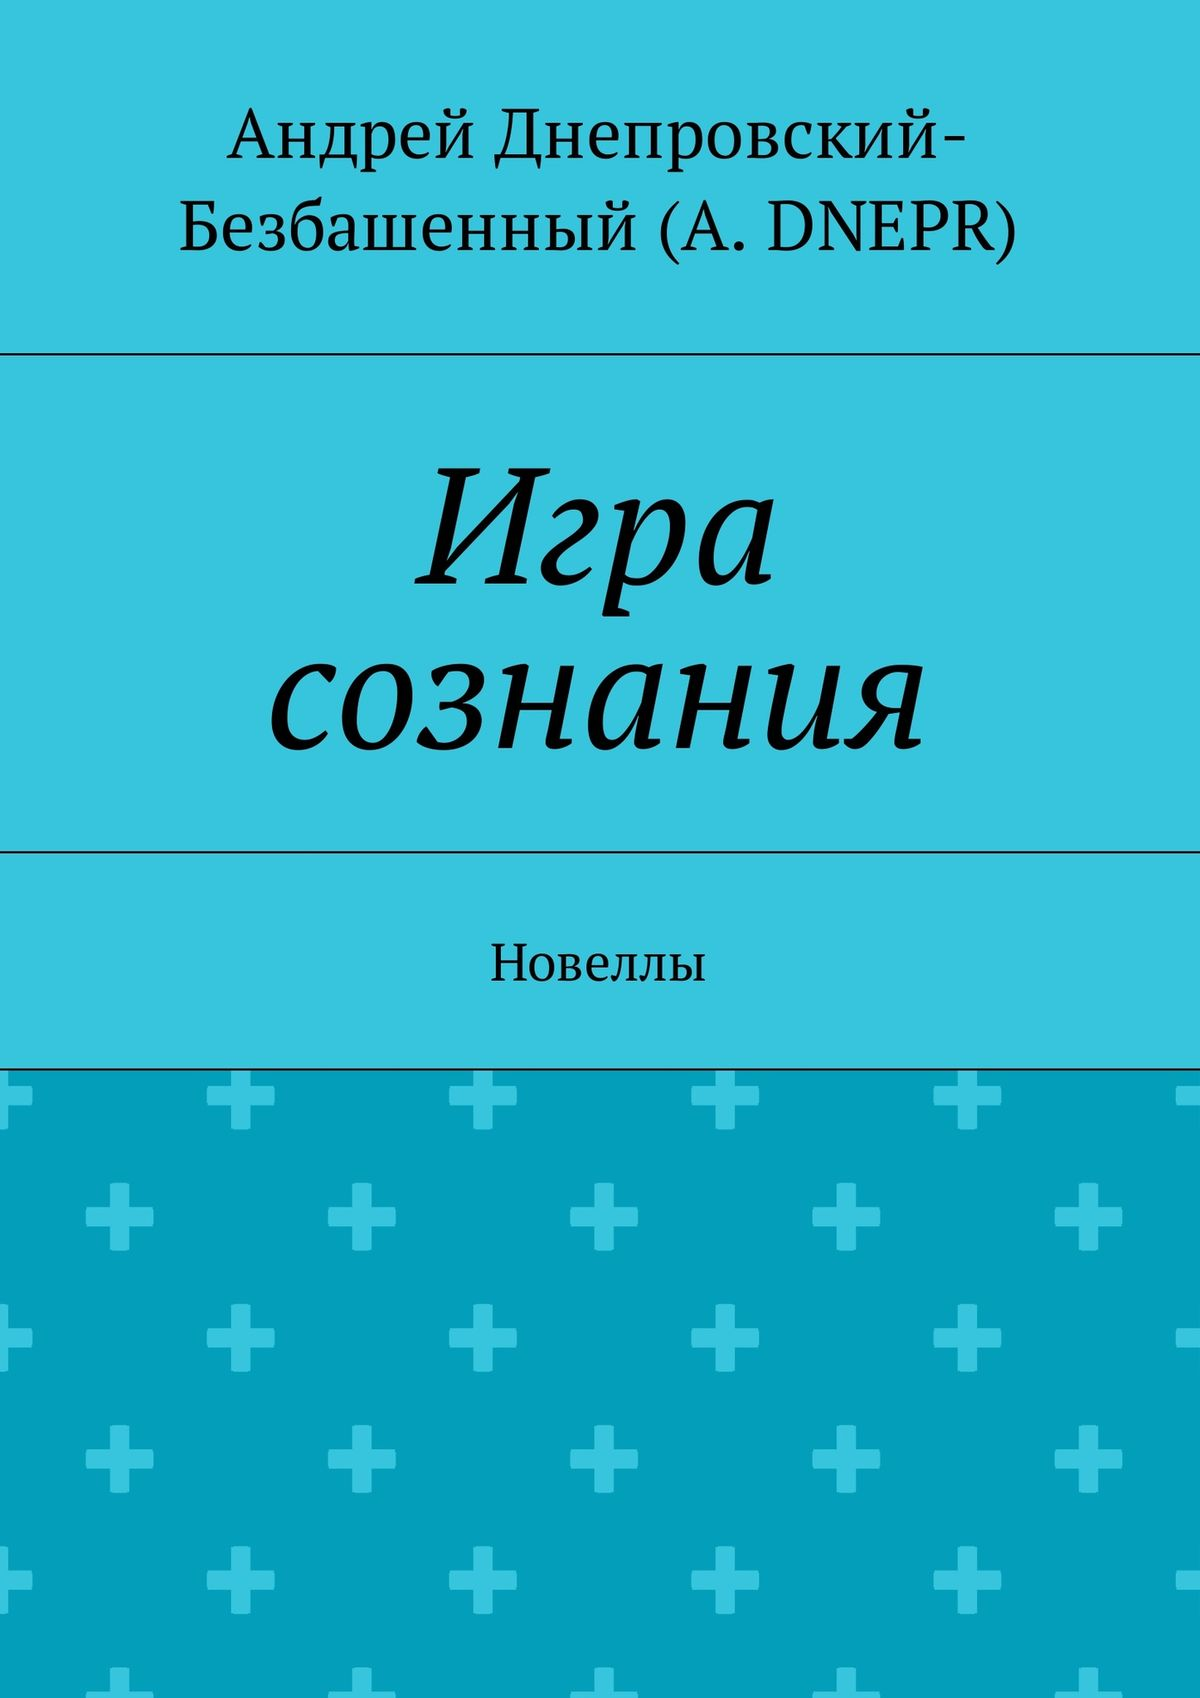 Андрей Днепровский-Безбашенный (A.DNEPR) Игра сознания. Новеллы